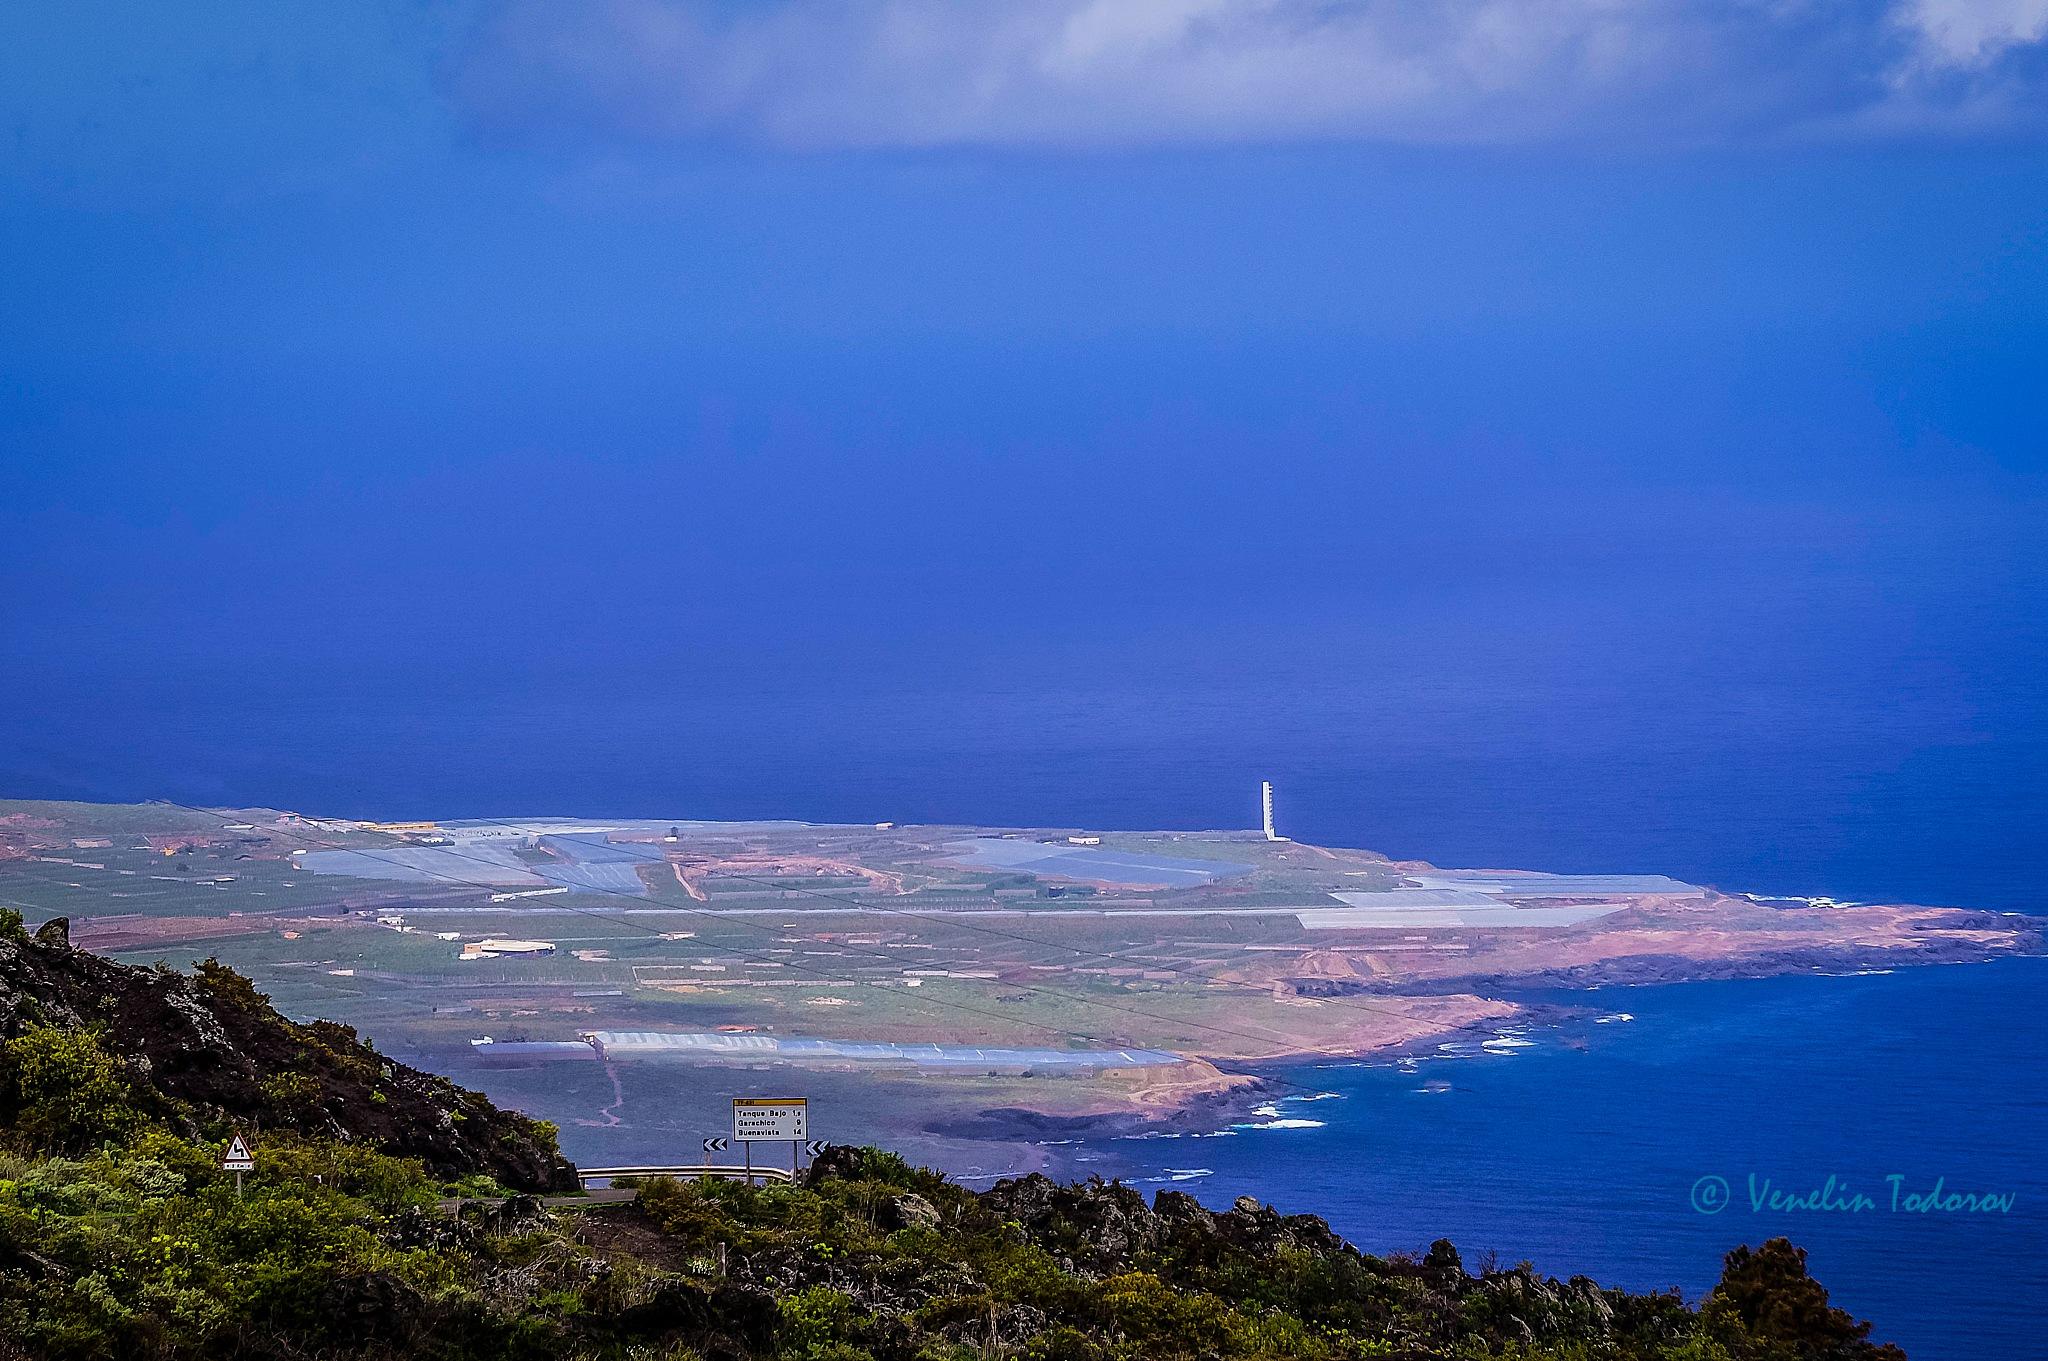 Tenerife- Landscape by Venelin Todorov